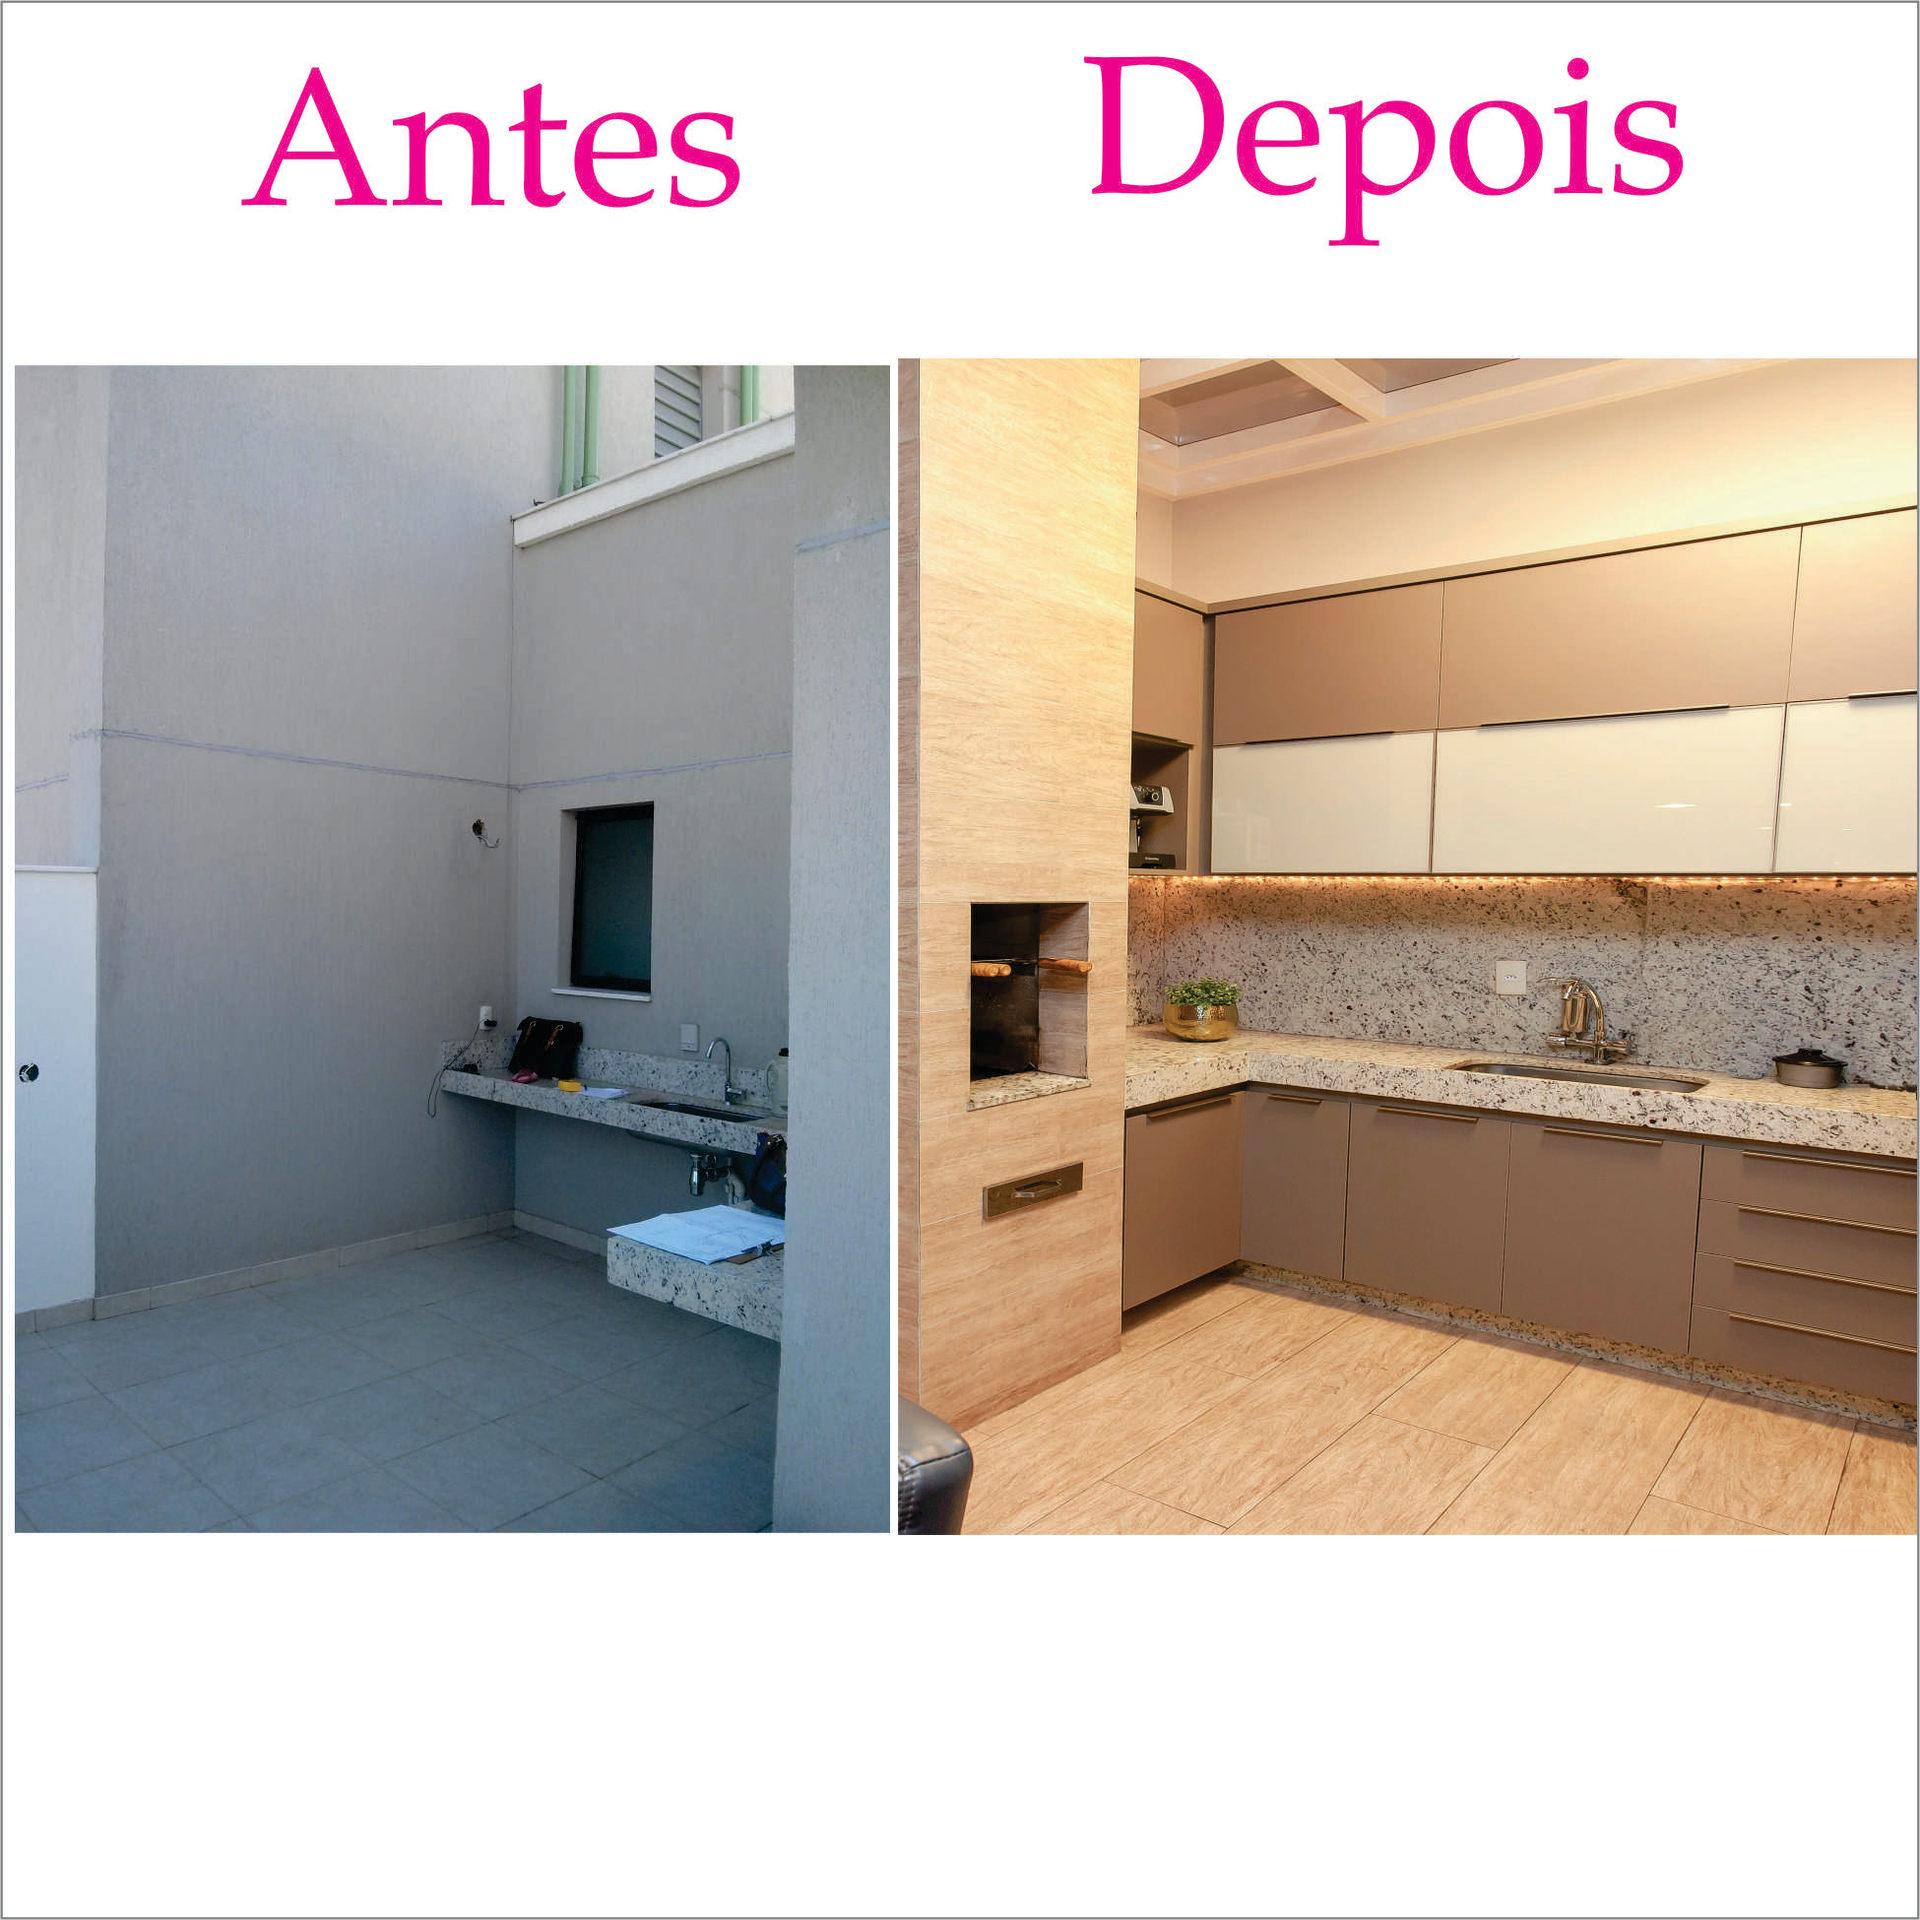 ANTES E DEPOIS 10.jpg